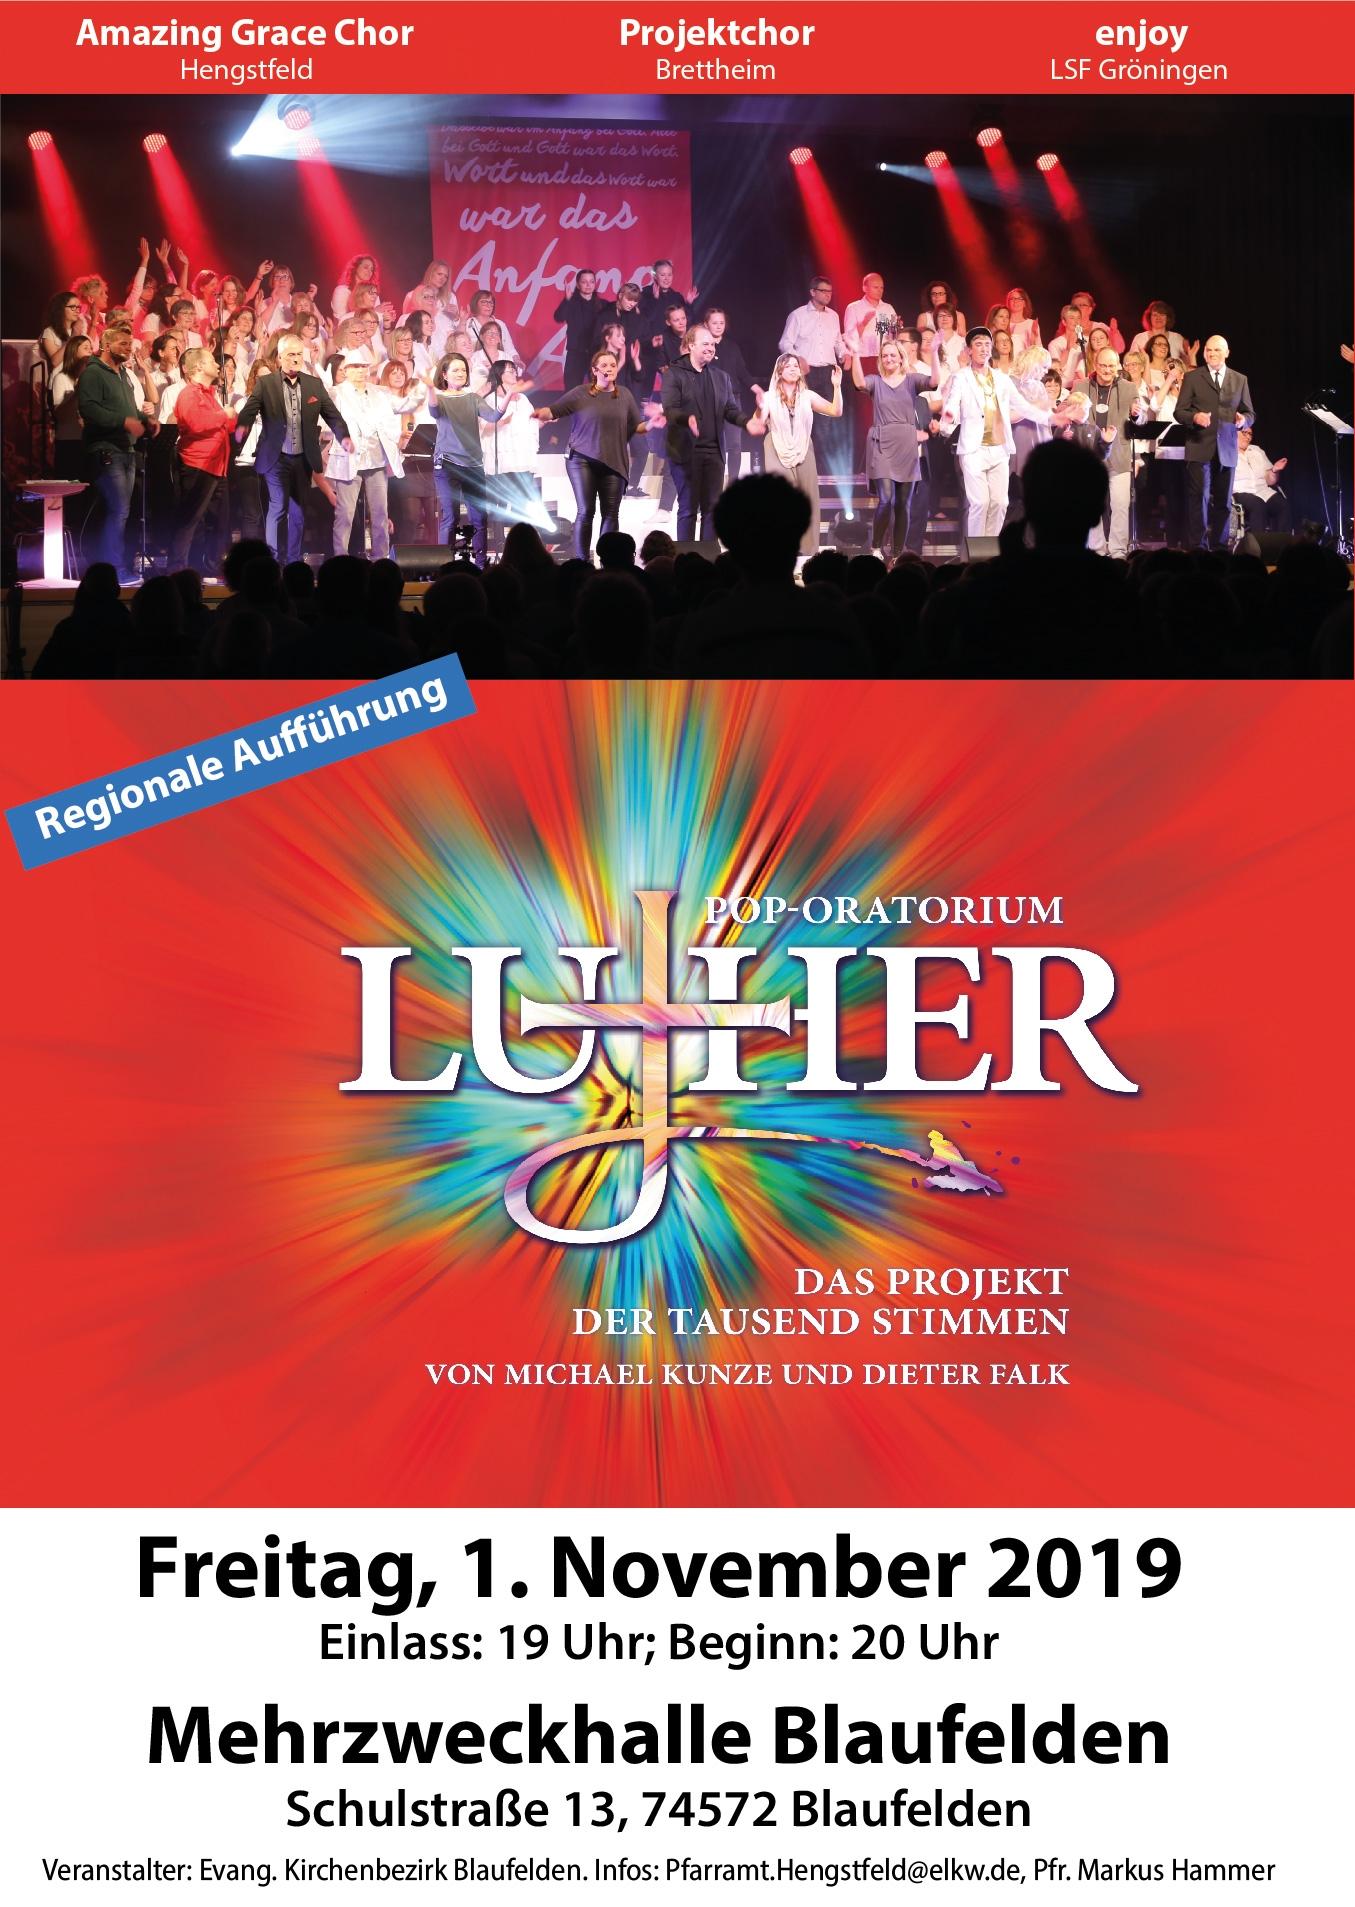 LUTHER Pop-Oratorium